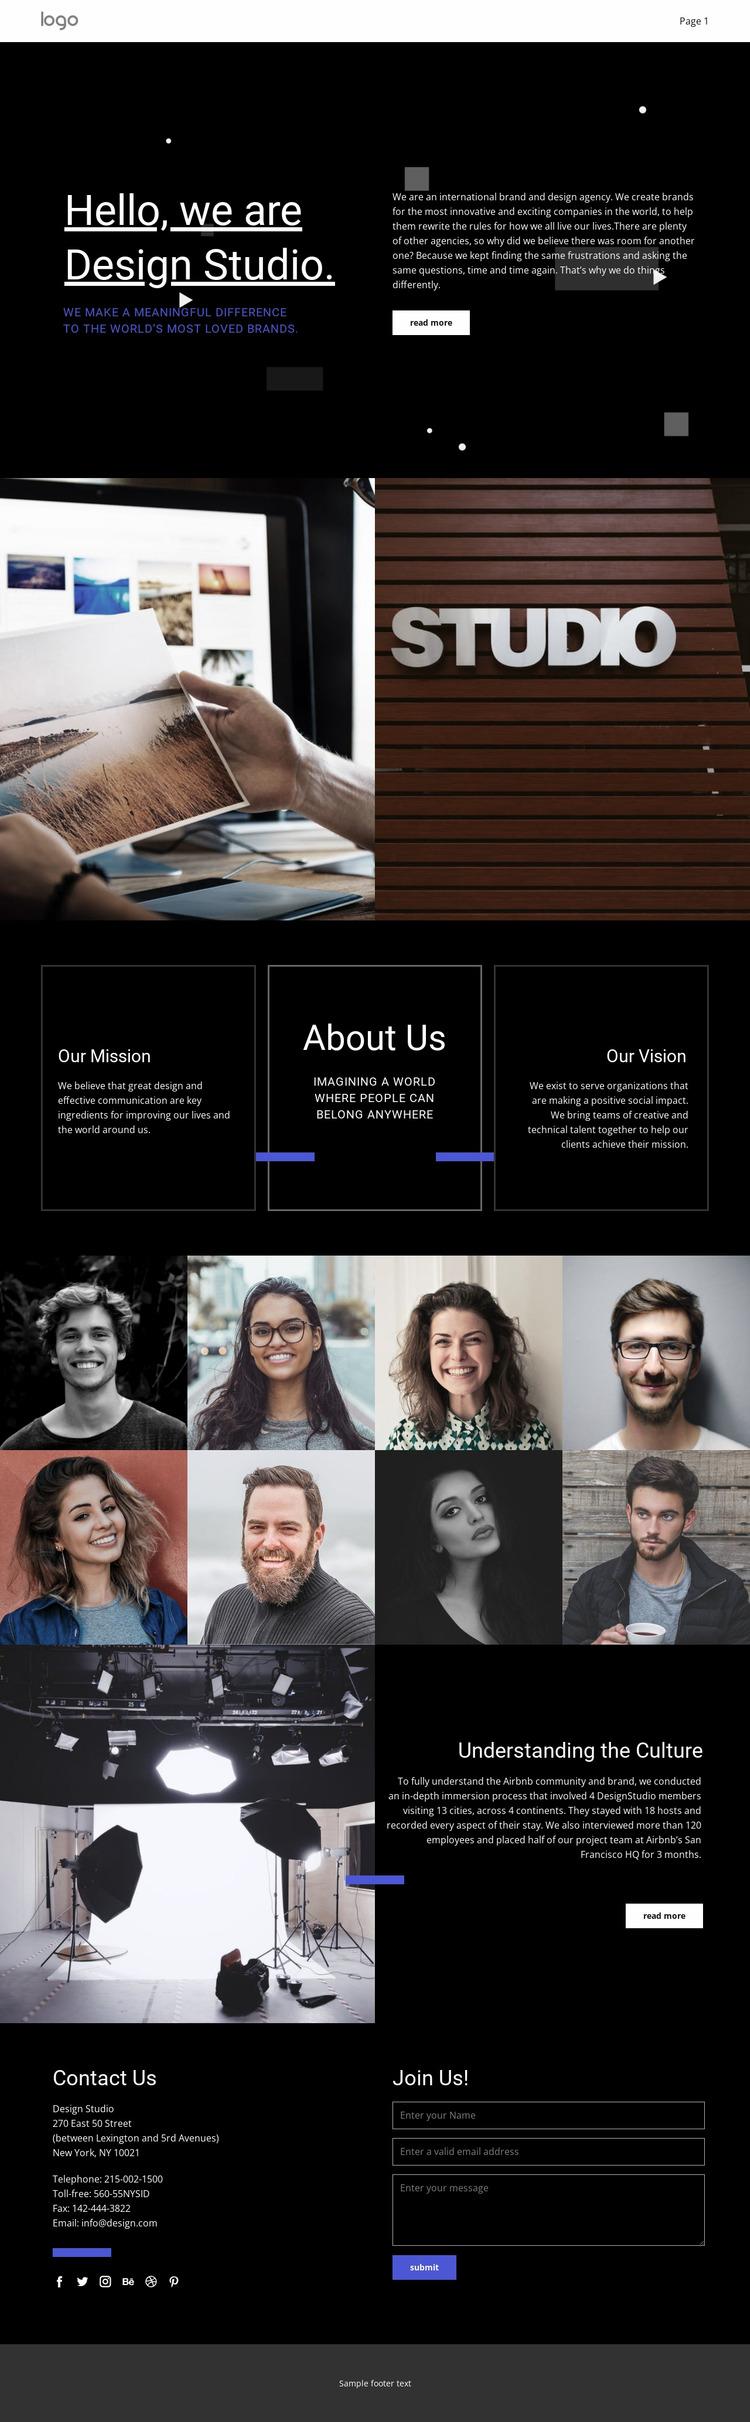 Our design is unique Html Website Builder